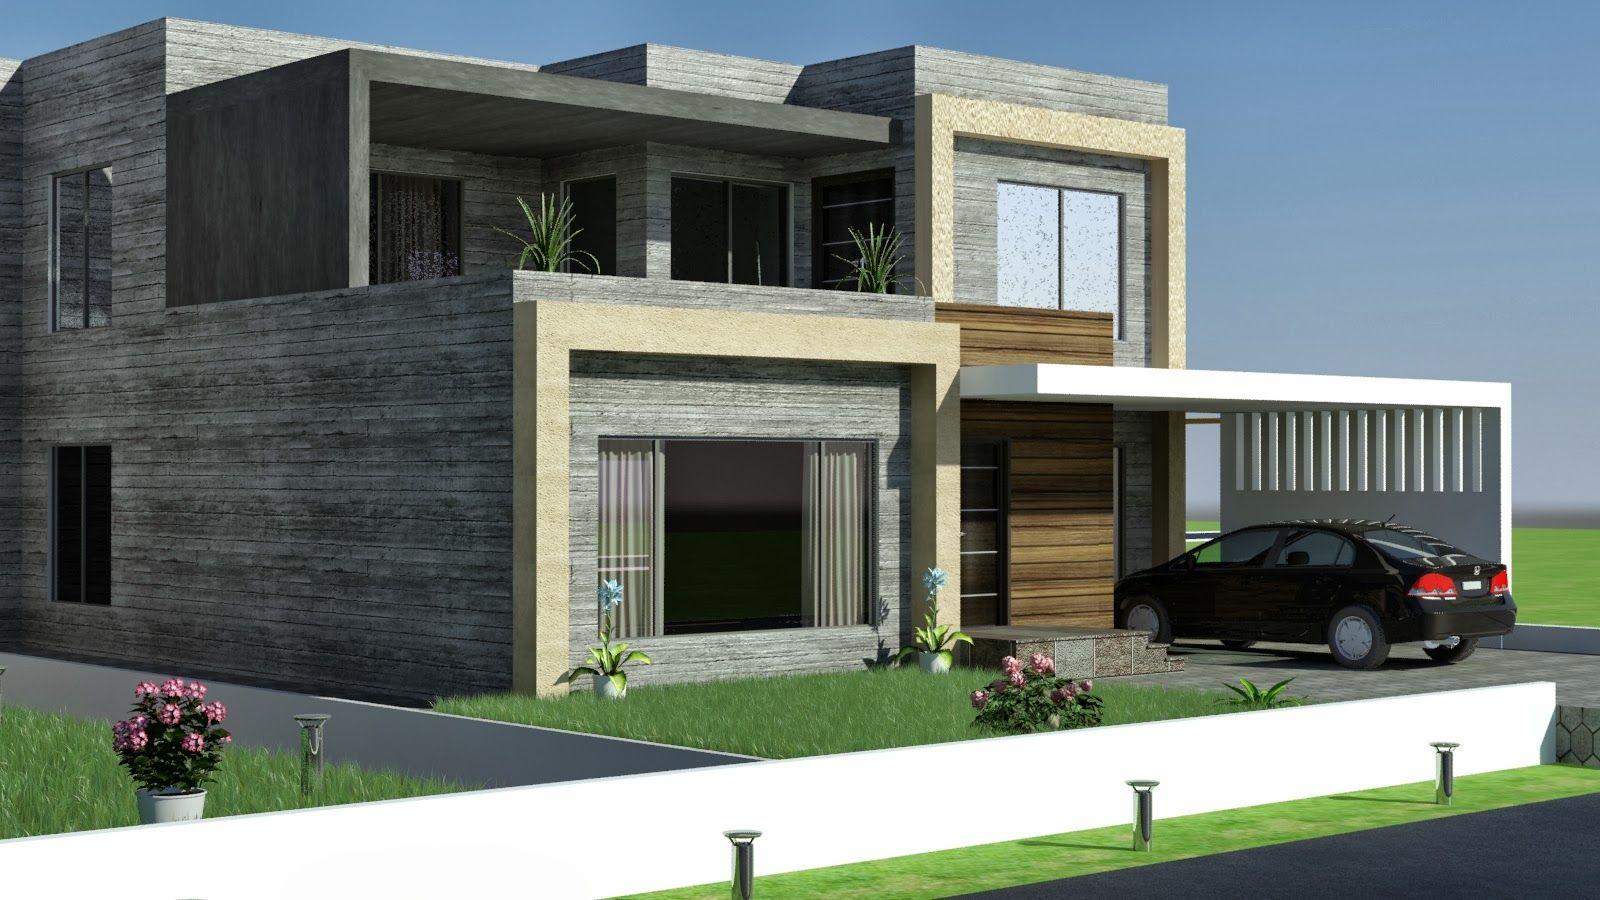 3D Front Elevation.com: 1 Kk Old Design Convert to Modern ...